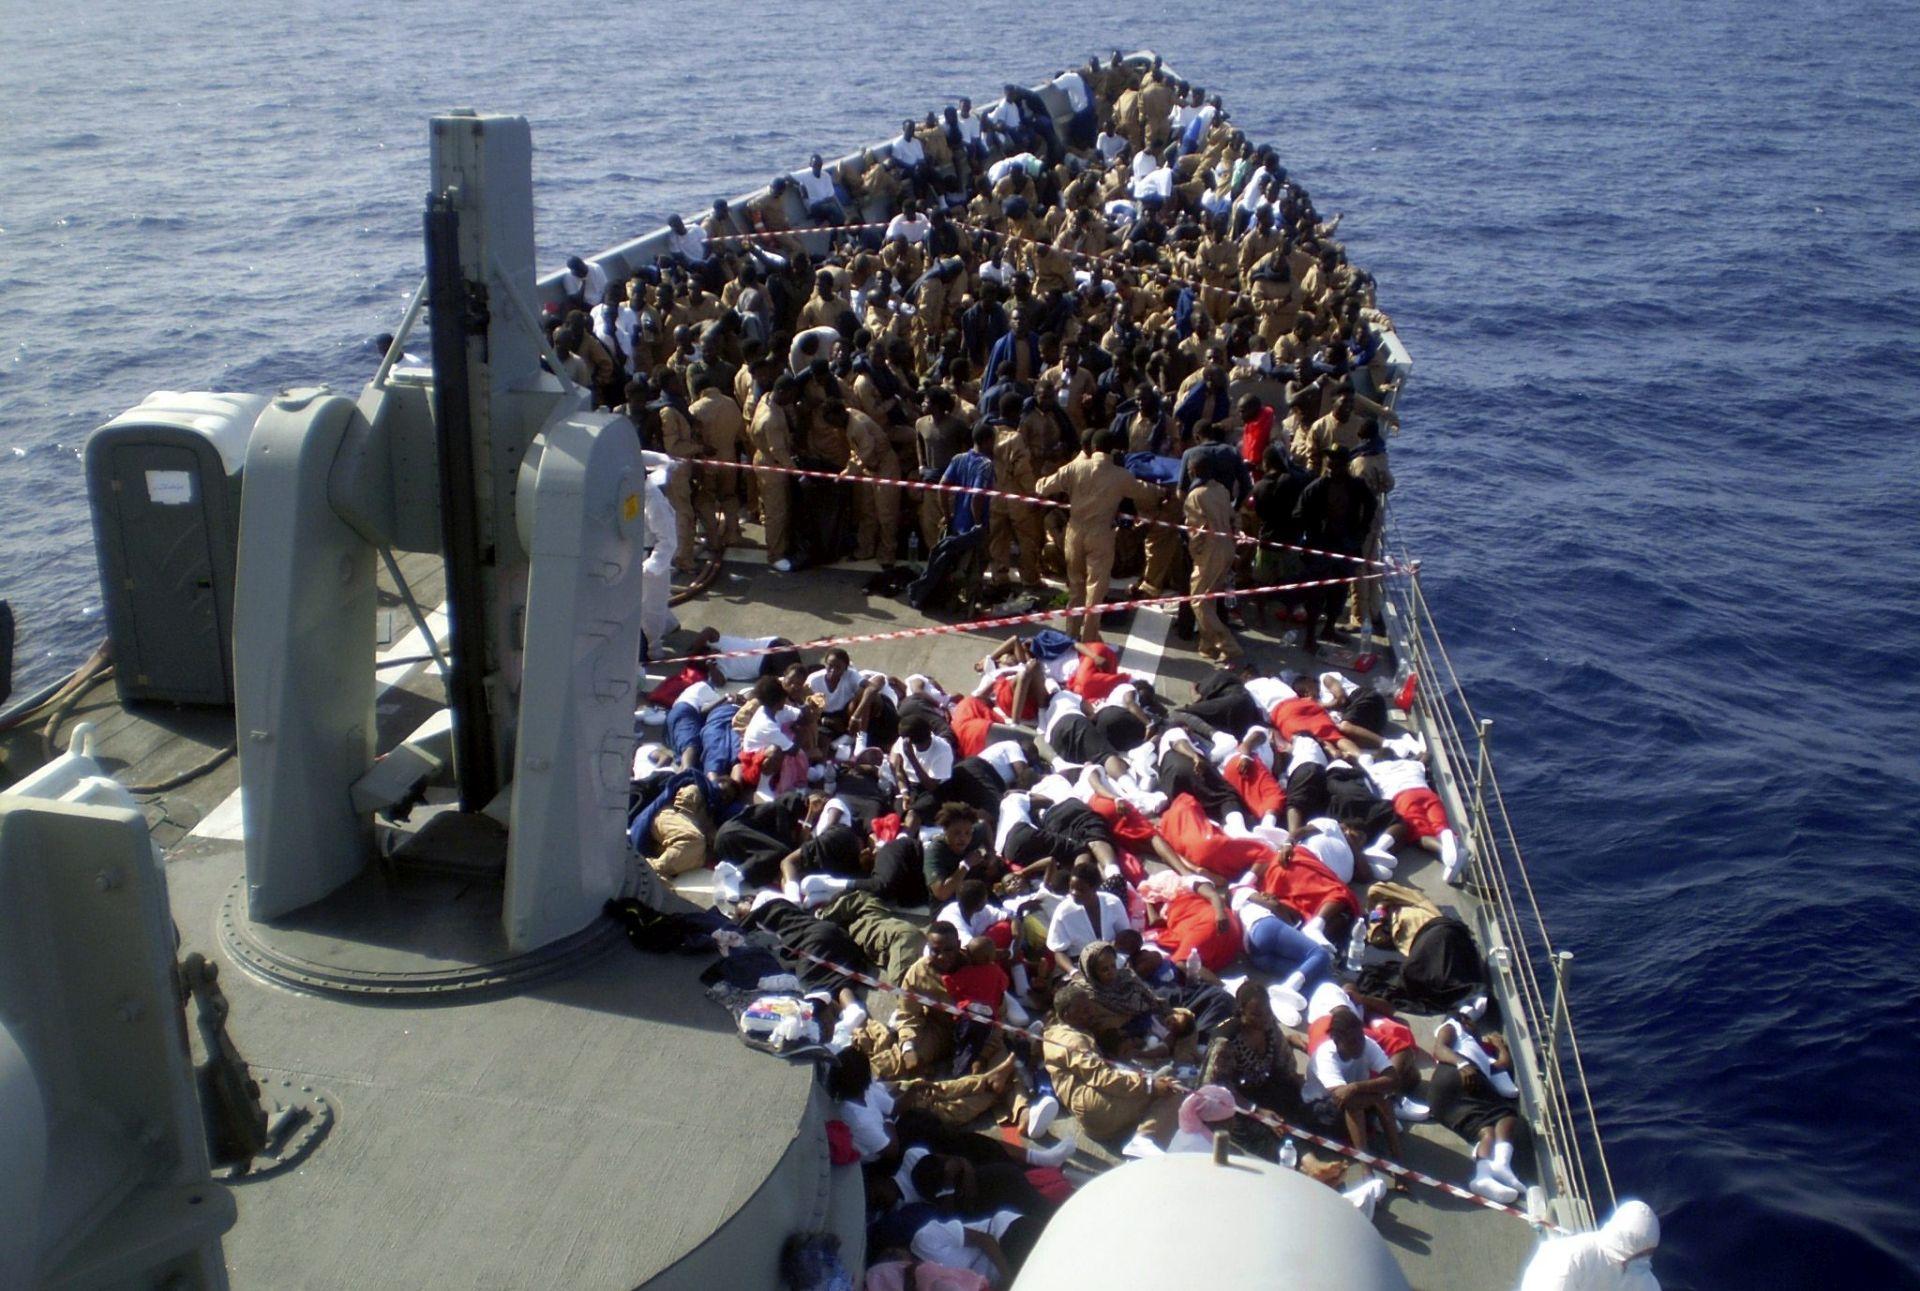 STRAHUJE SE DA SE UTOPILO VIŠE OD 200 LJUDI Kod obale Libije izvučena tijela pet izbjeglica